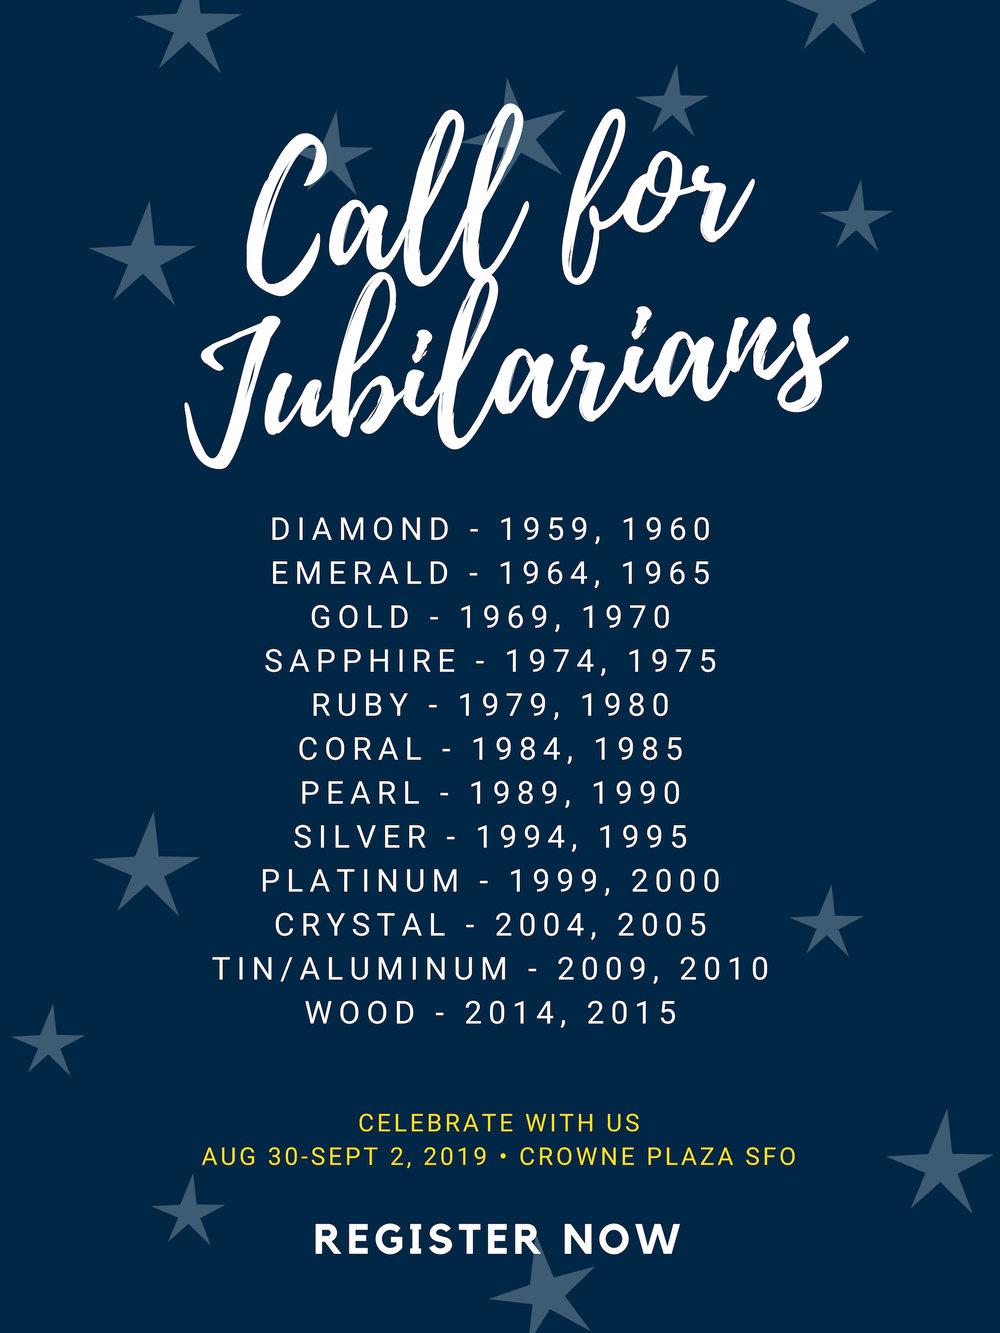 CallForJubiliarians-UPAAA